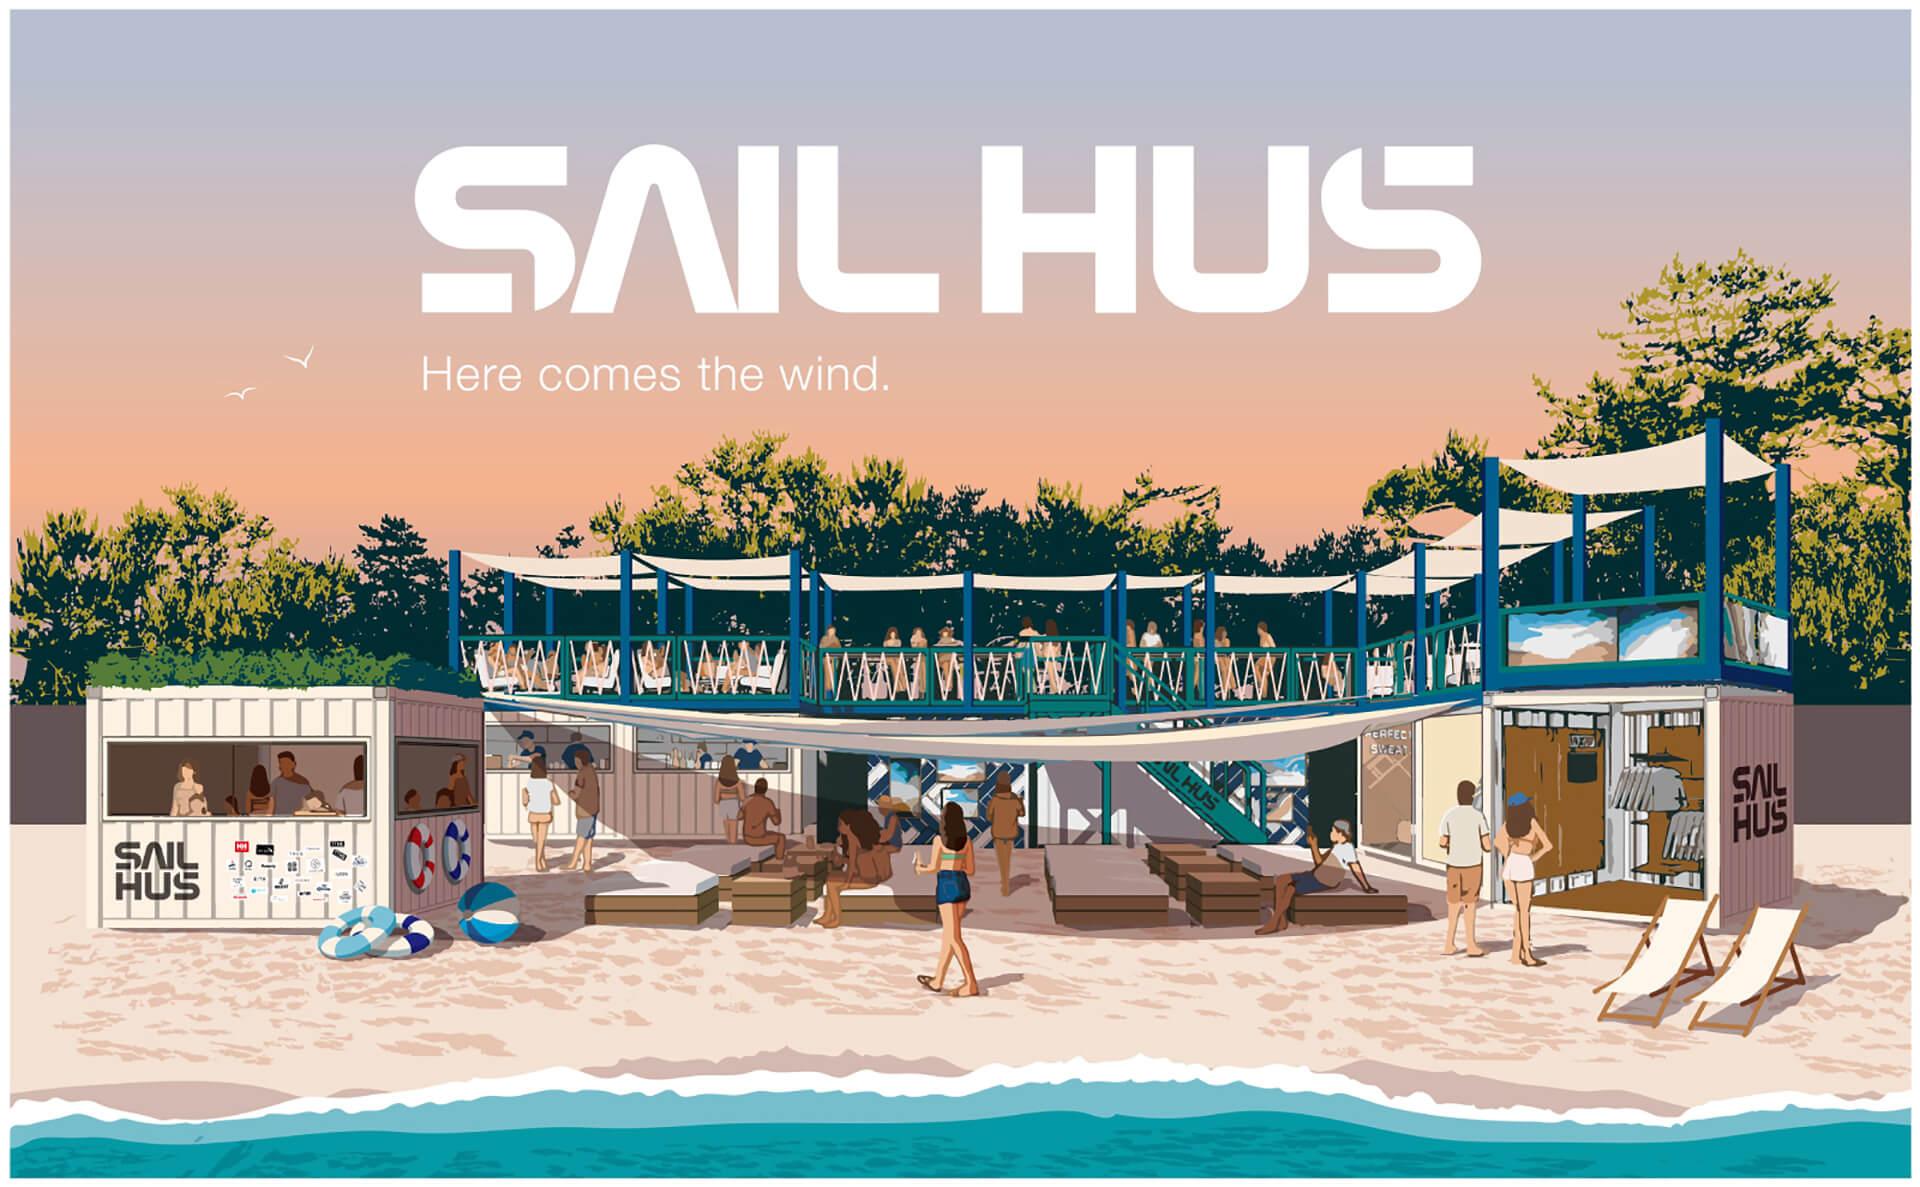 この写真は、海の家セイルハウスのメインビジュアル。コンテナなど、海岸の様子をイラストで紹介しています